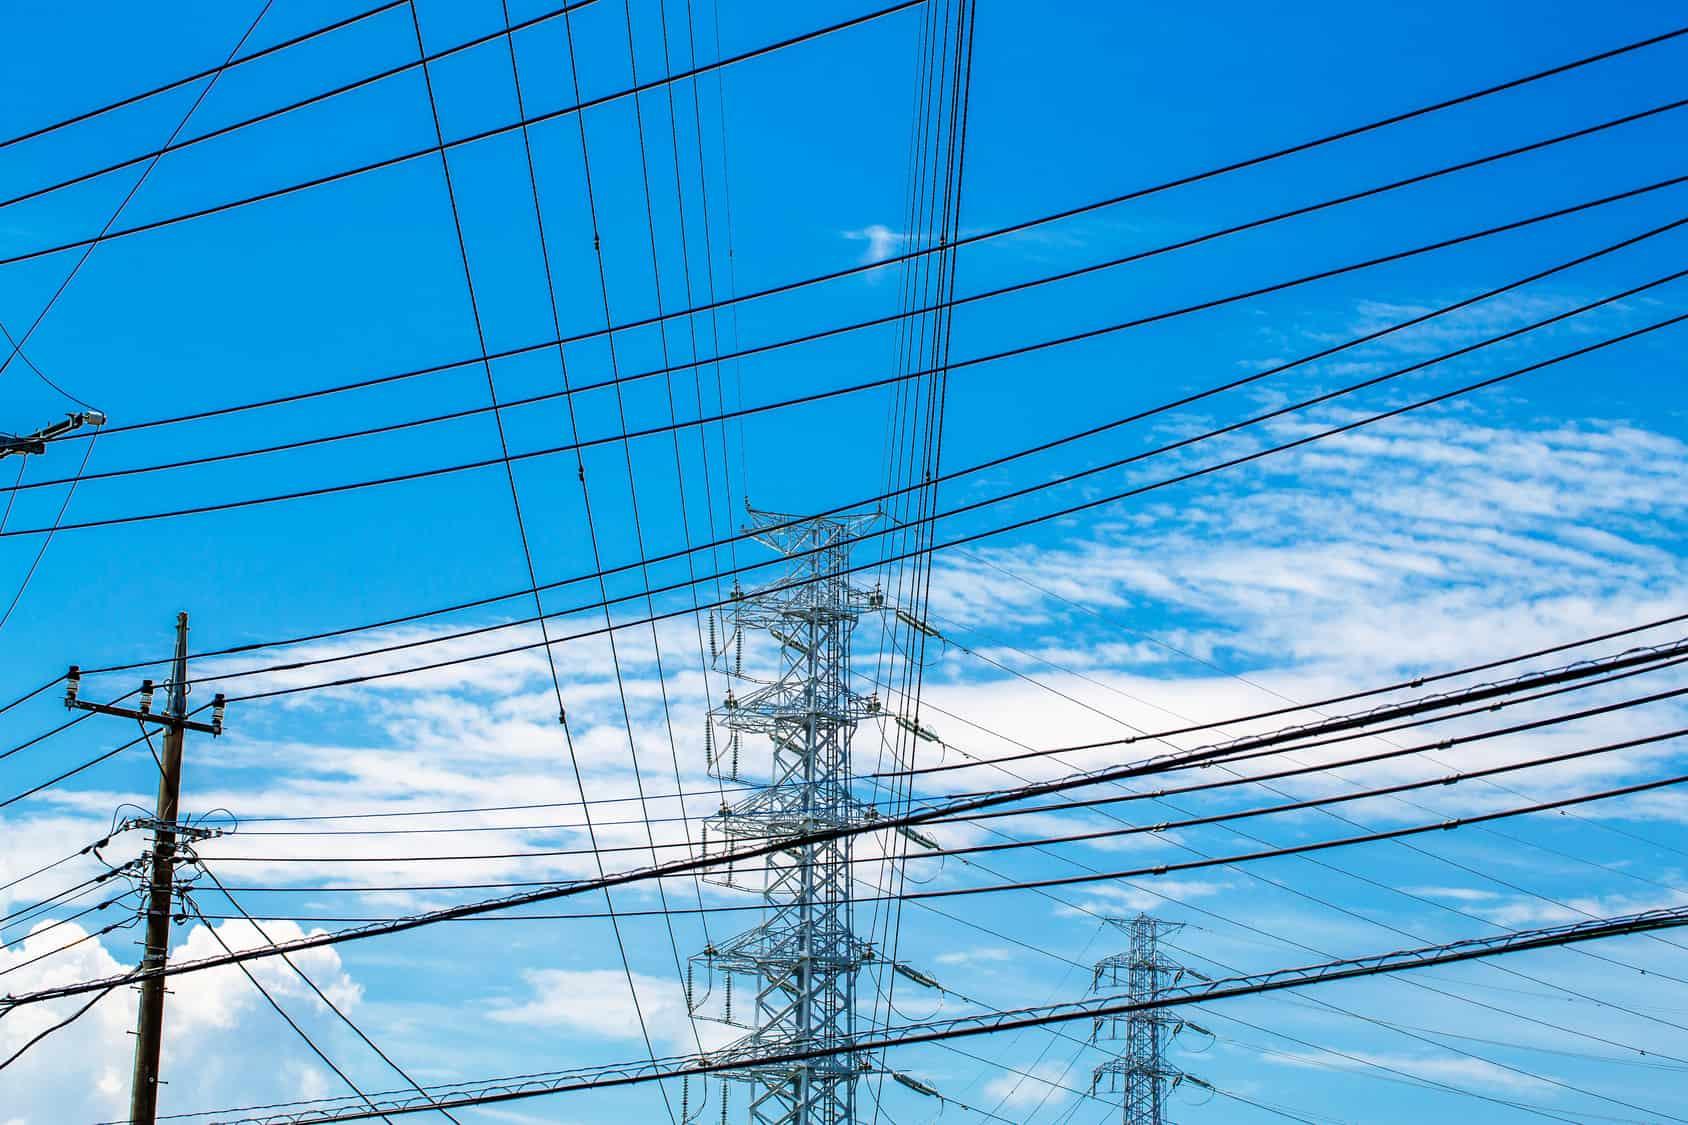 SCT informó anoche que la red carretera del país, aeropuertos, puertos, sistema ferroviario y telecomunicaciones federales trabajaban con regularidad.